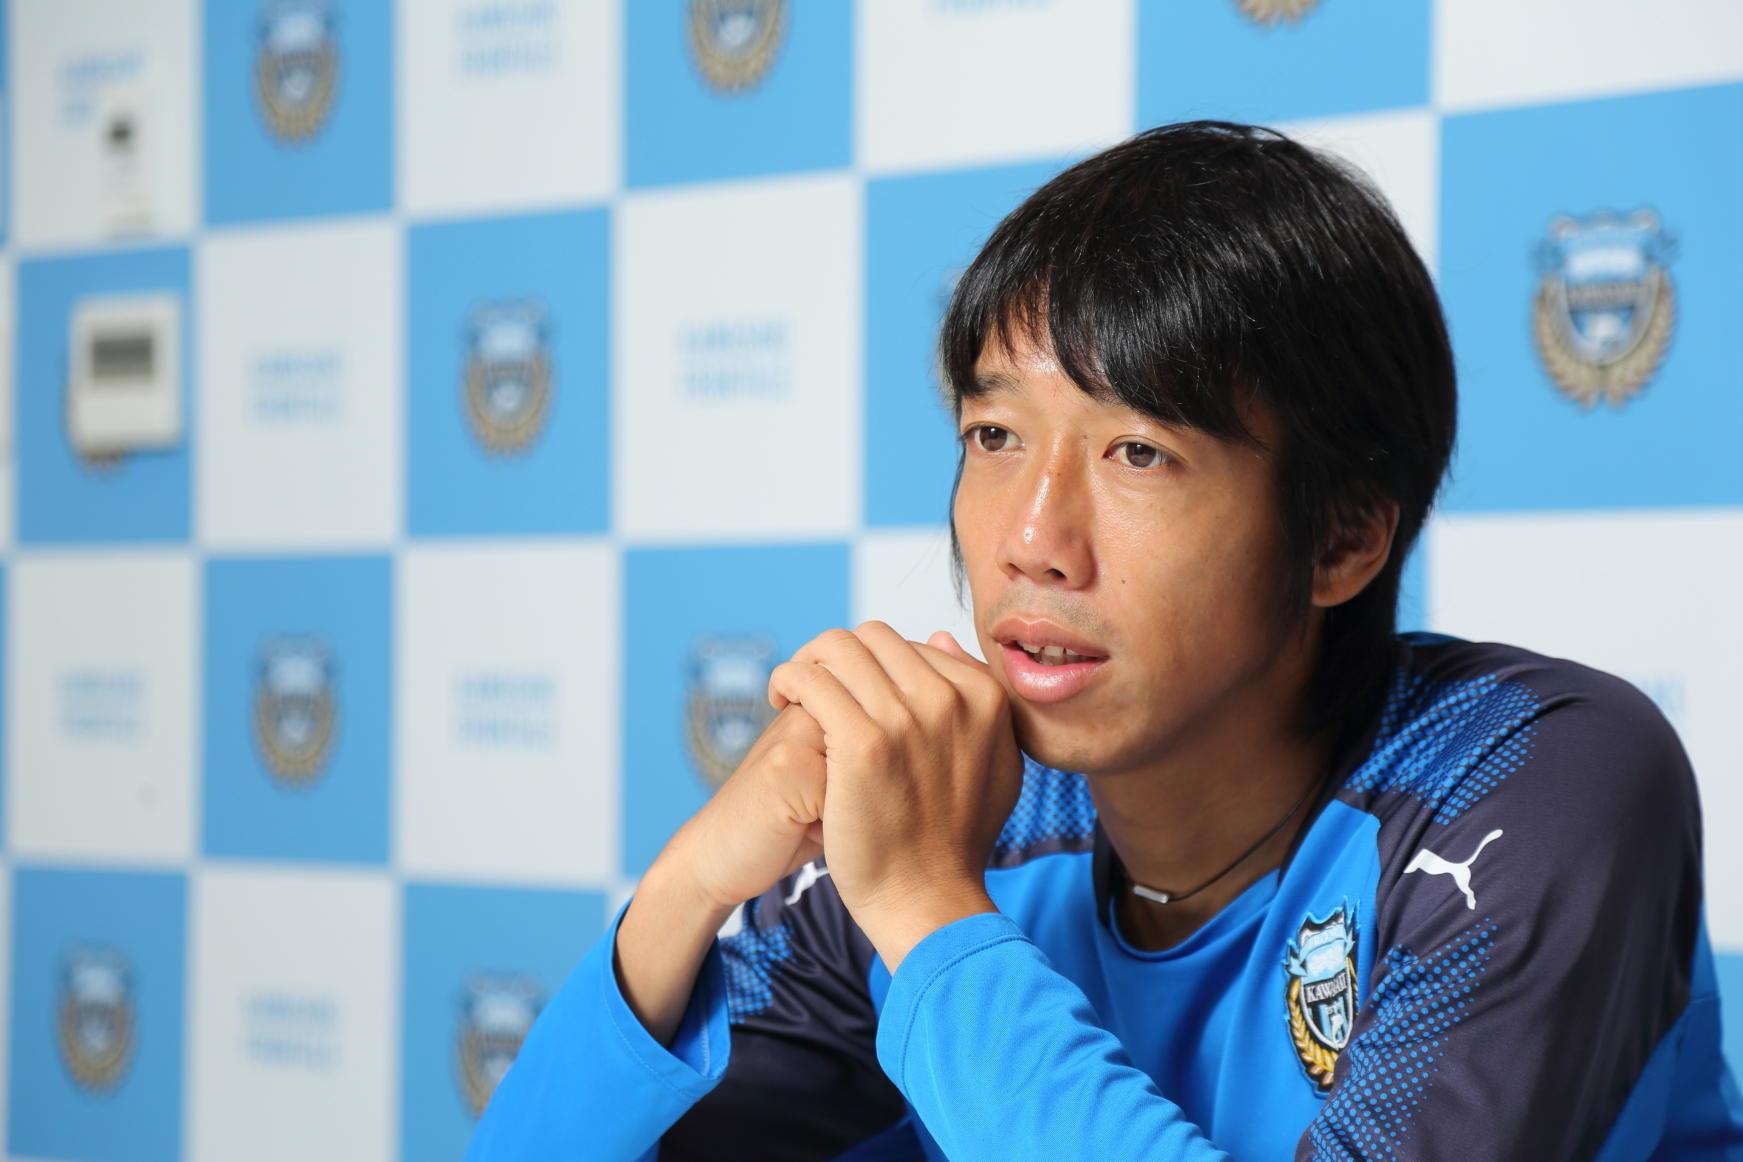 中村憲剛が語る、サッカーが上手くなるためにも「早いうちに挫折を経験したほうが良い」理由